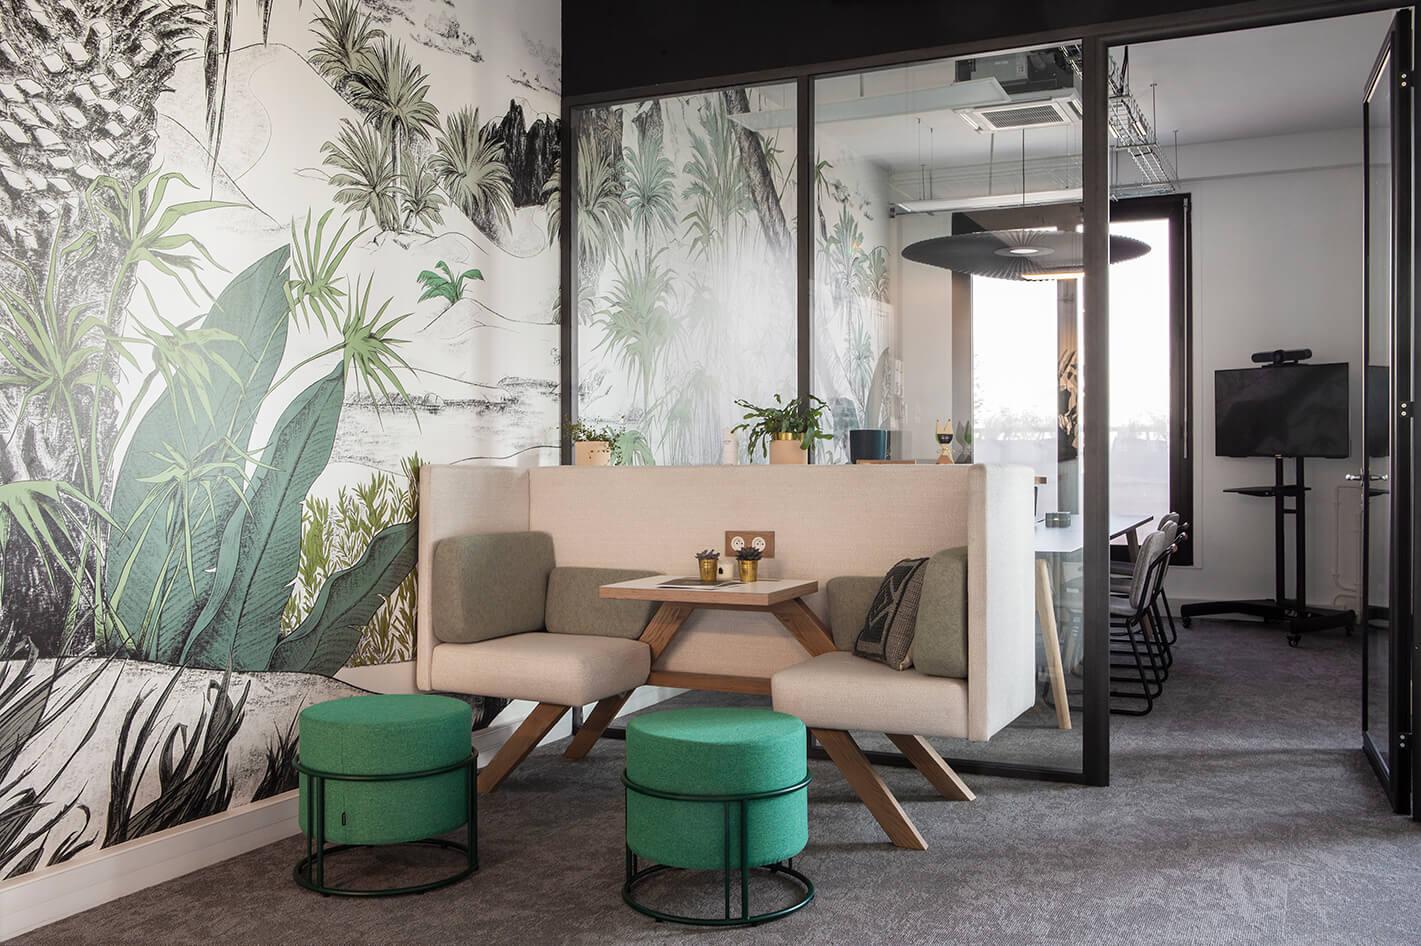 Aménagement espace d'accueil fresque Papermint - Neoxia Paris 11